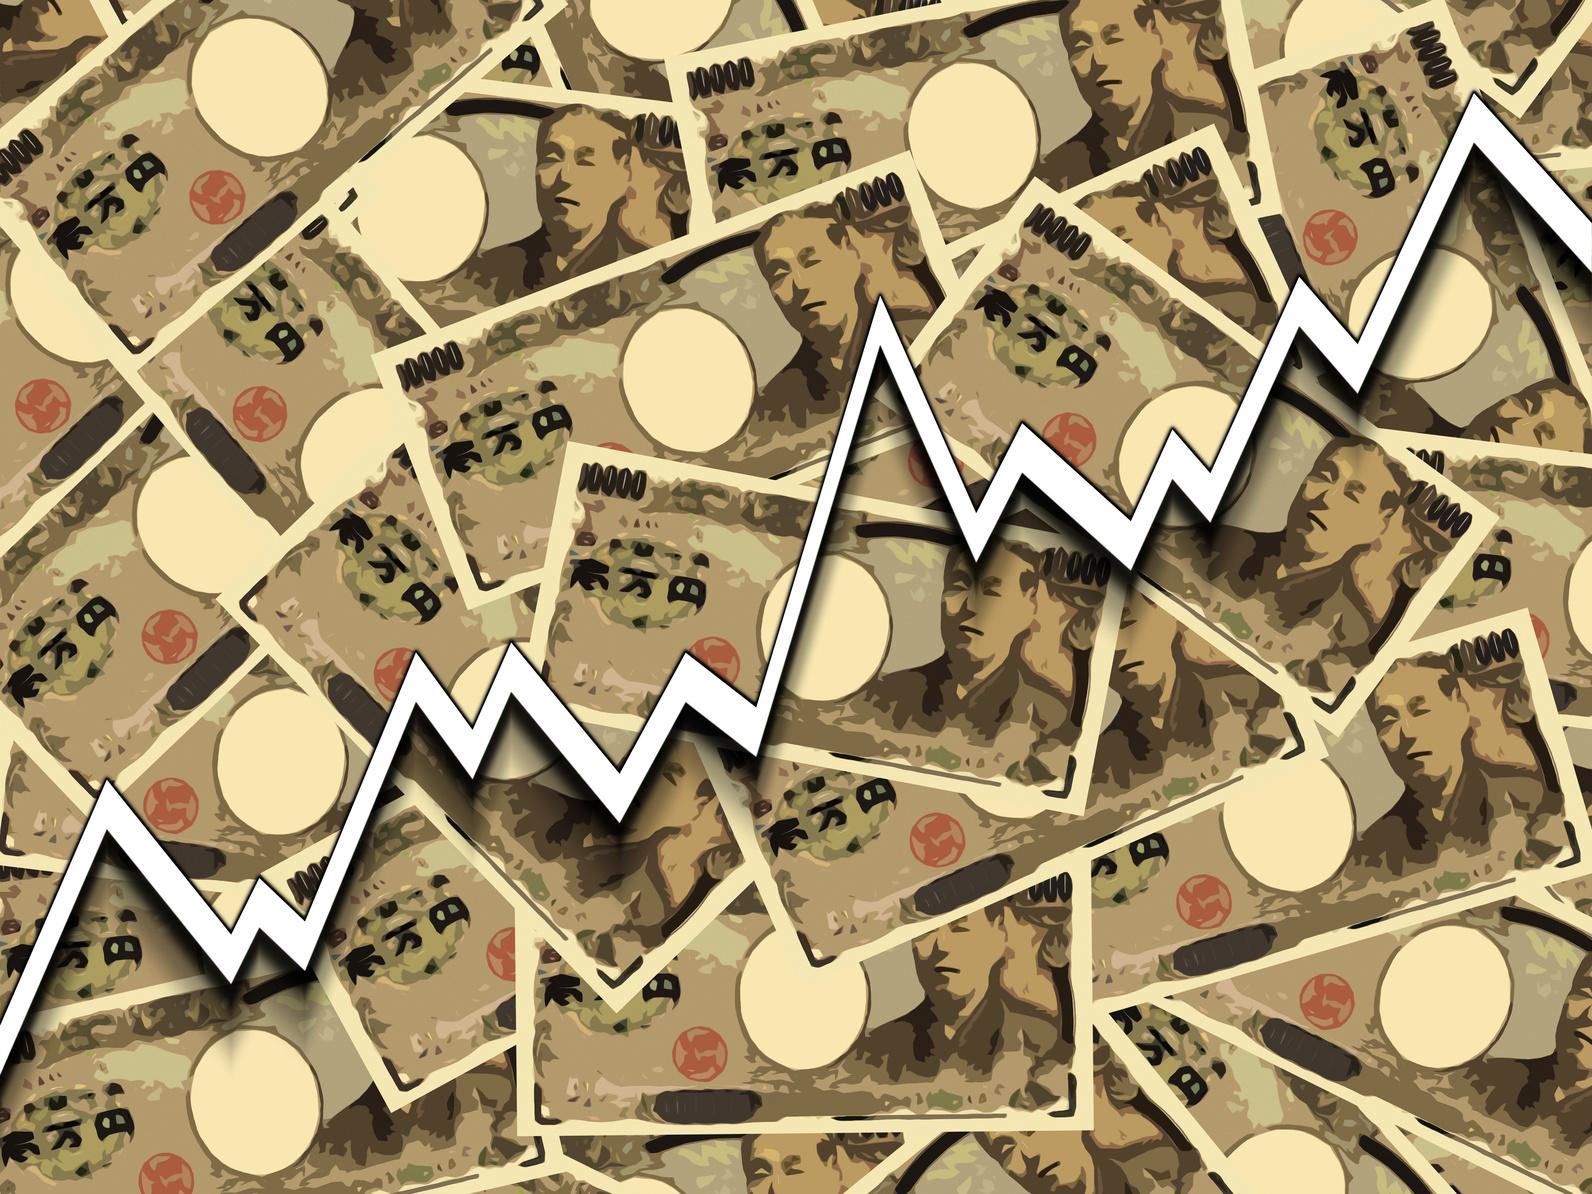 【経済とは?】経世済民からインフレ・経済成長サイクル・そして日本銀行の役割までを網羅的にわかりやすく解説。